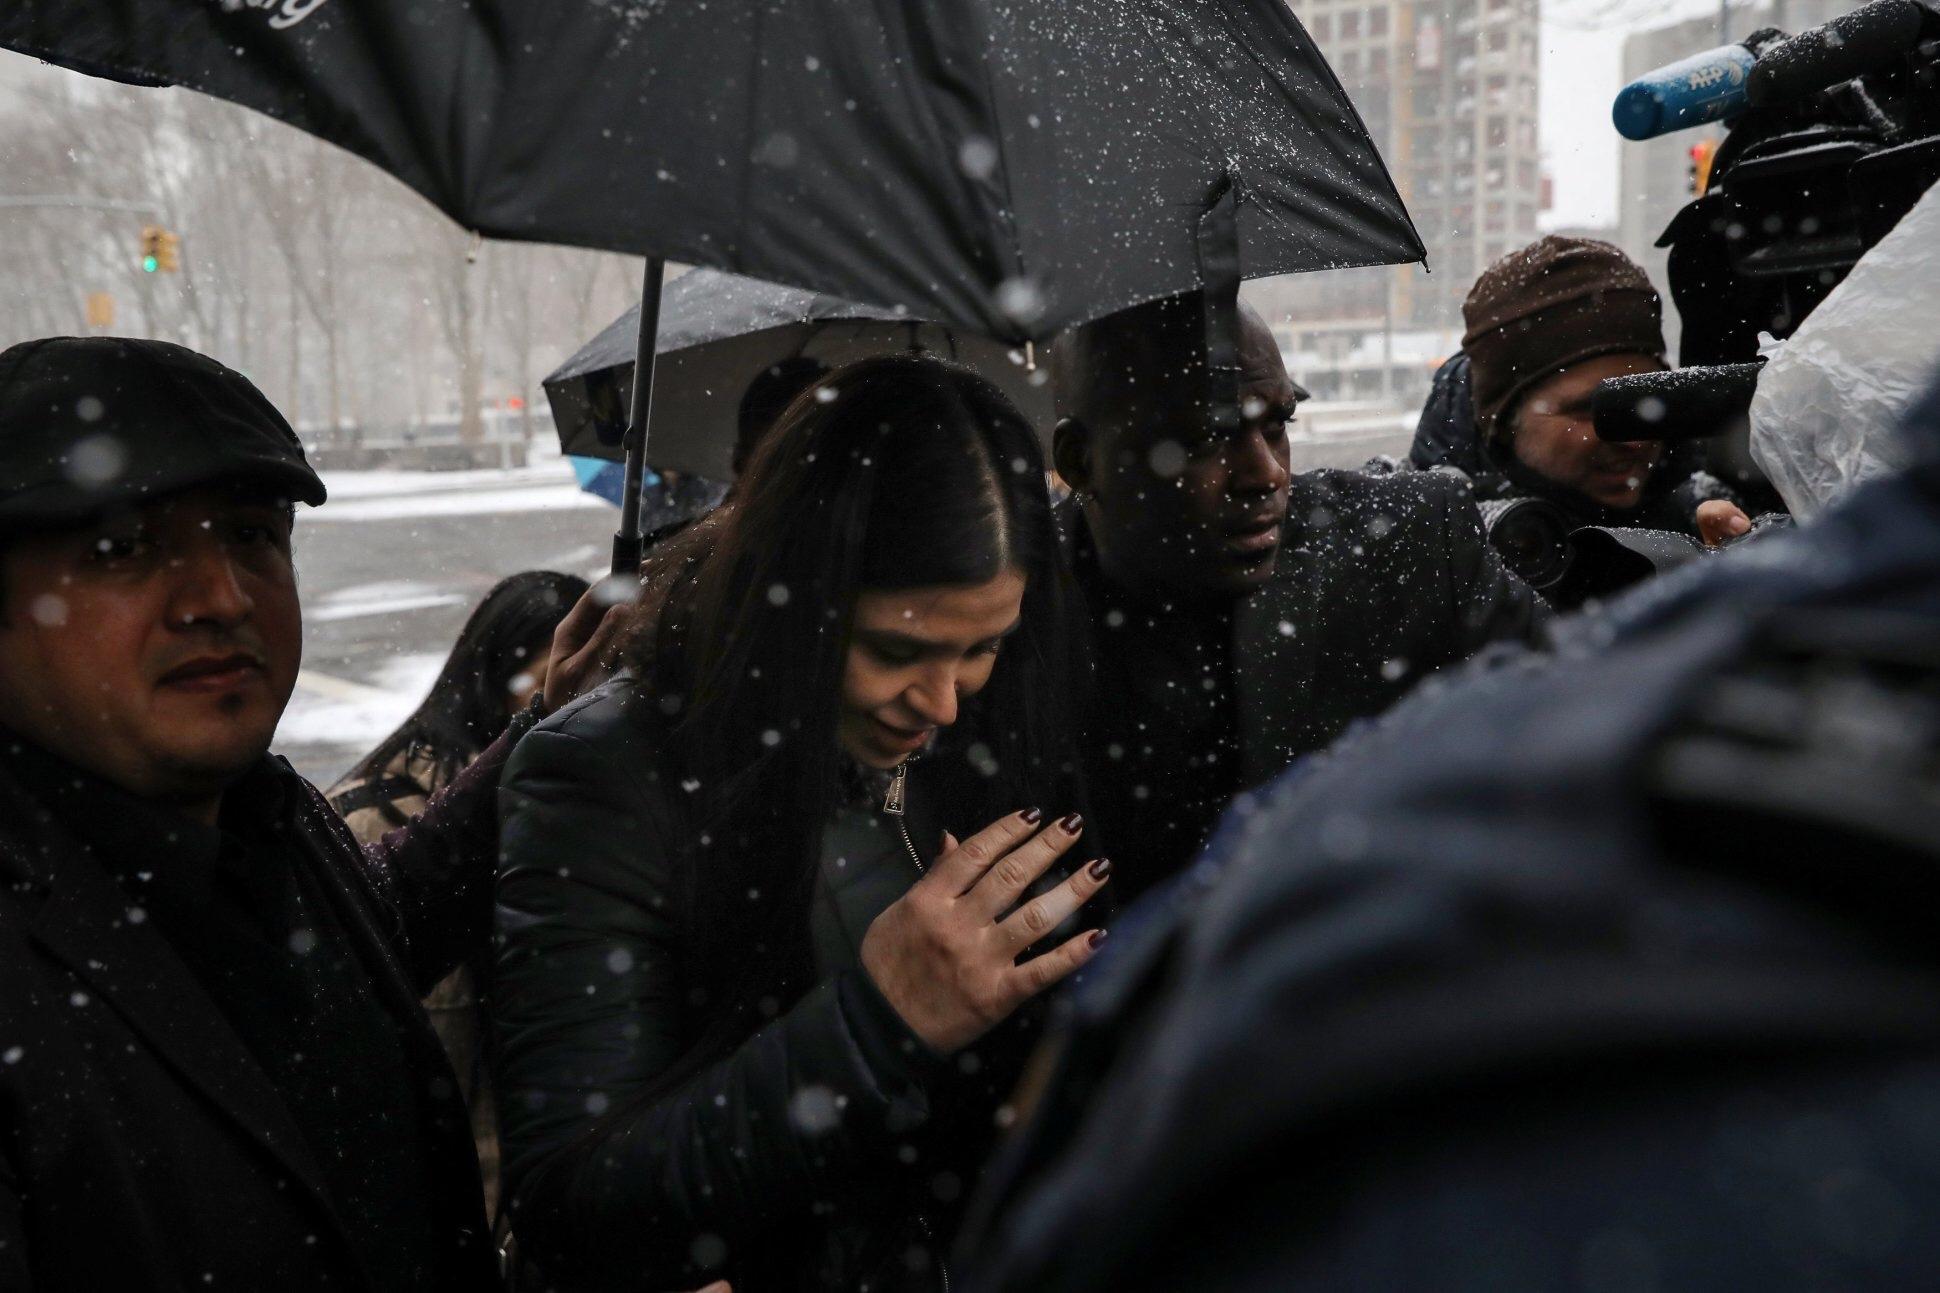 Emma Coronel en el día en que se dio a conocer la sentencia del Chapo. Nueva York, Estados Unidos. 12 de febrero de 2019. REUTERS/Brendan McDermid